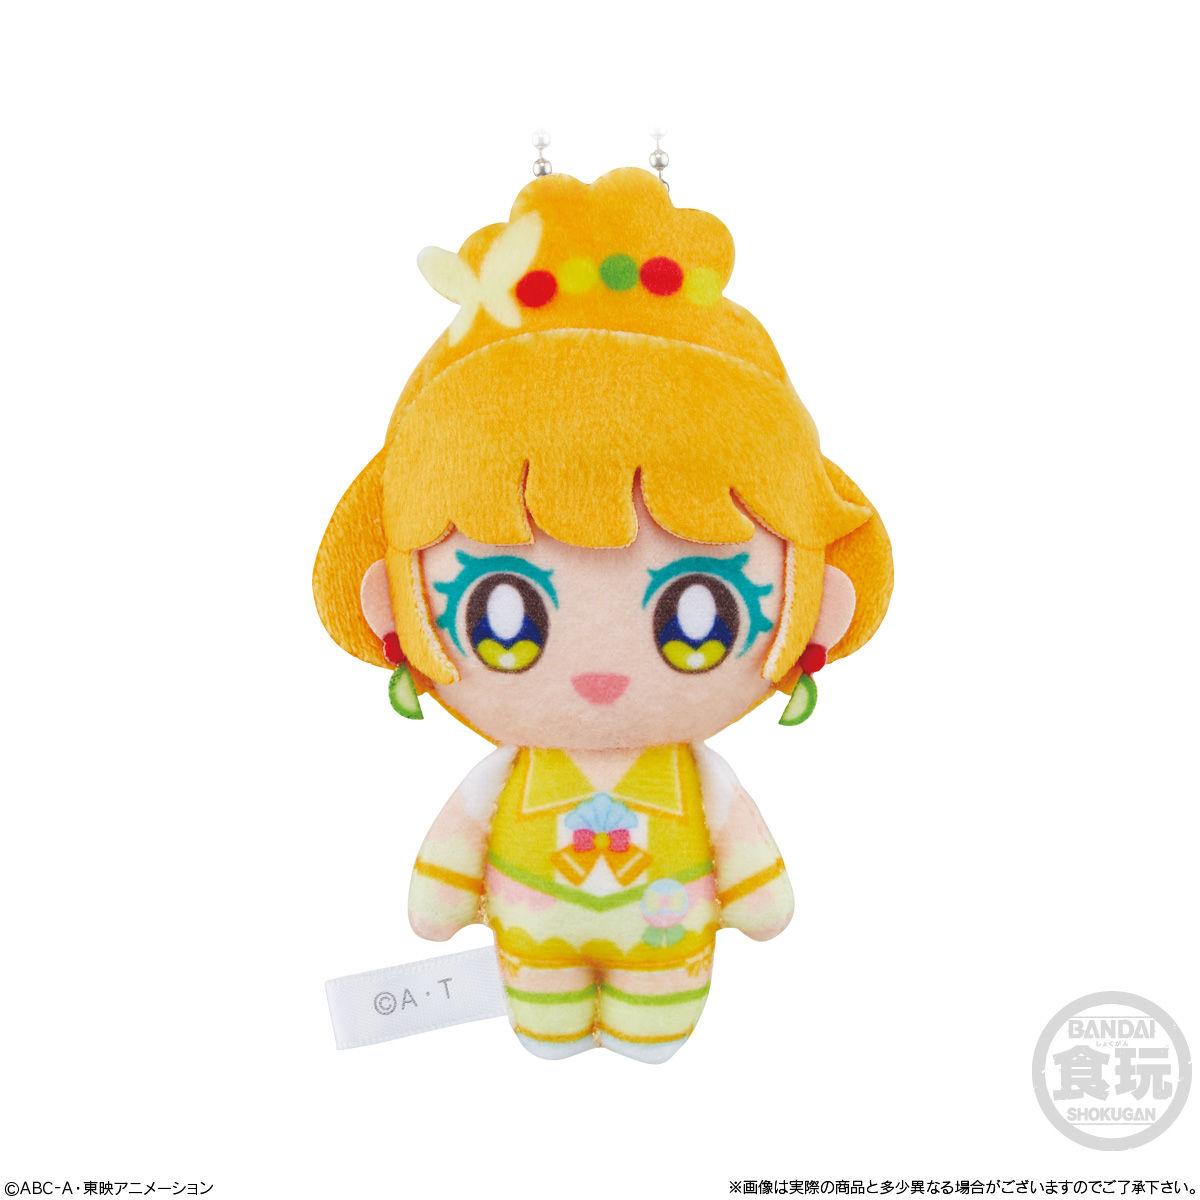 【食玩】トロプリ『トロピカル~ジュ!プリキュア おでかけマスコット』10個入りBOX-004